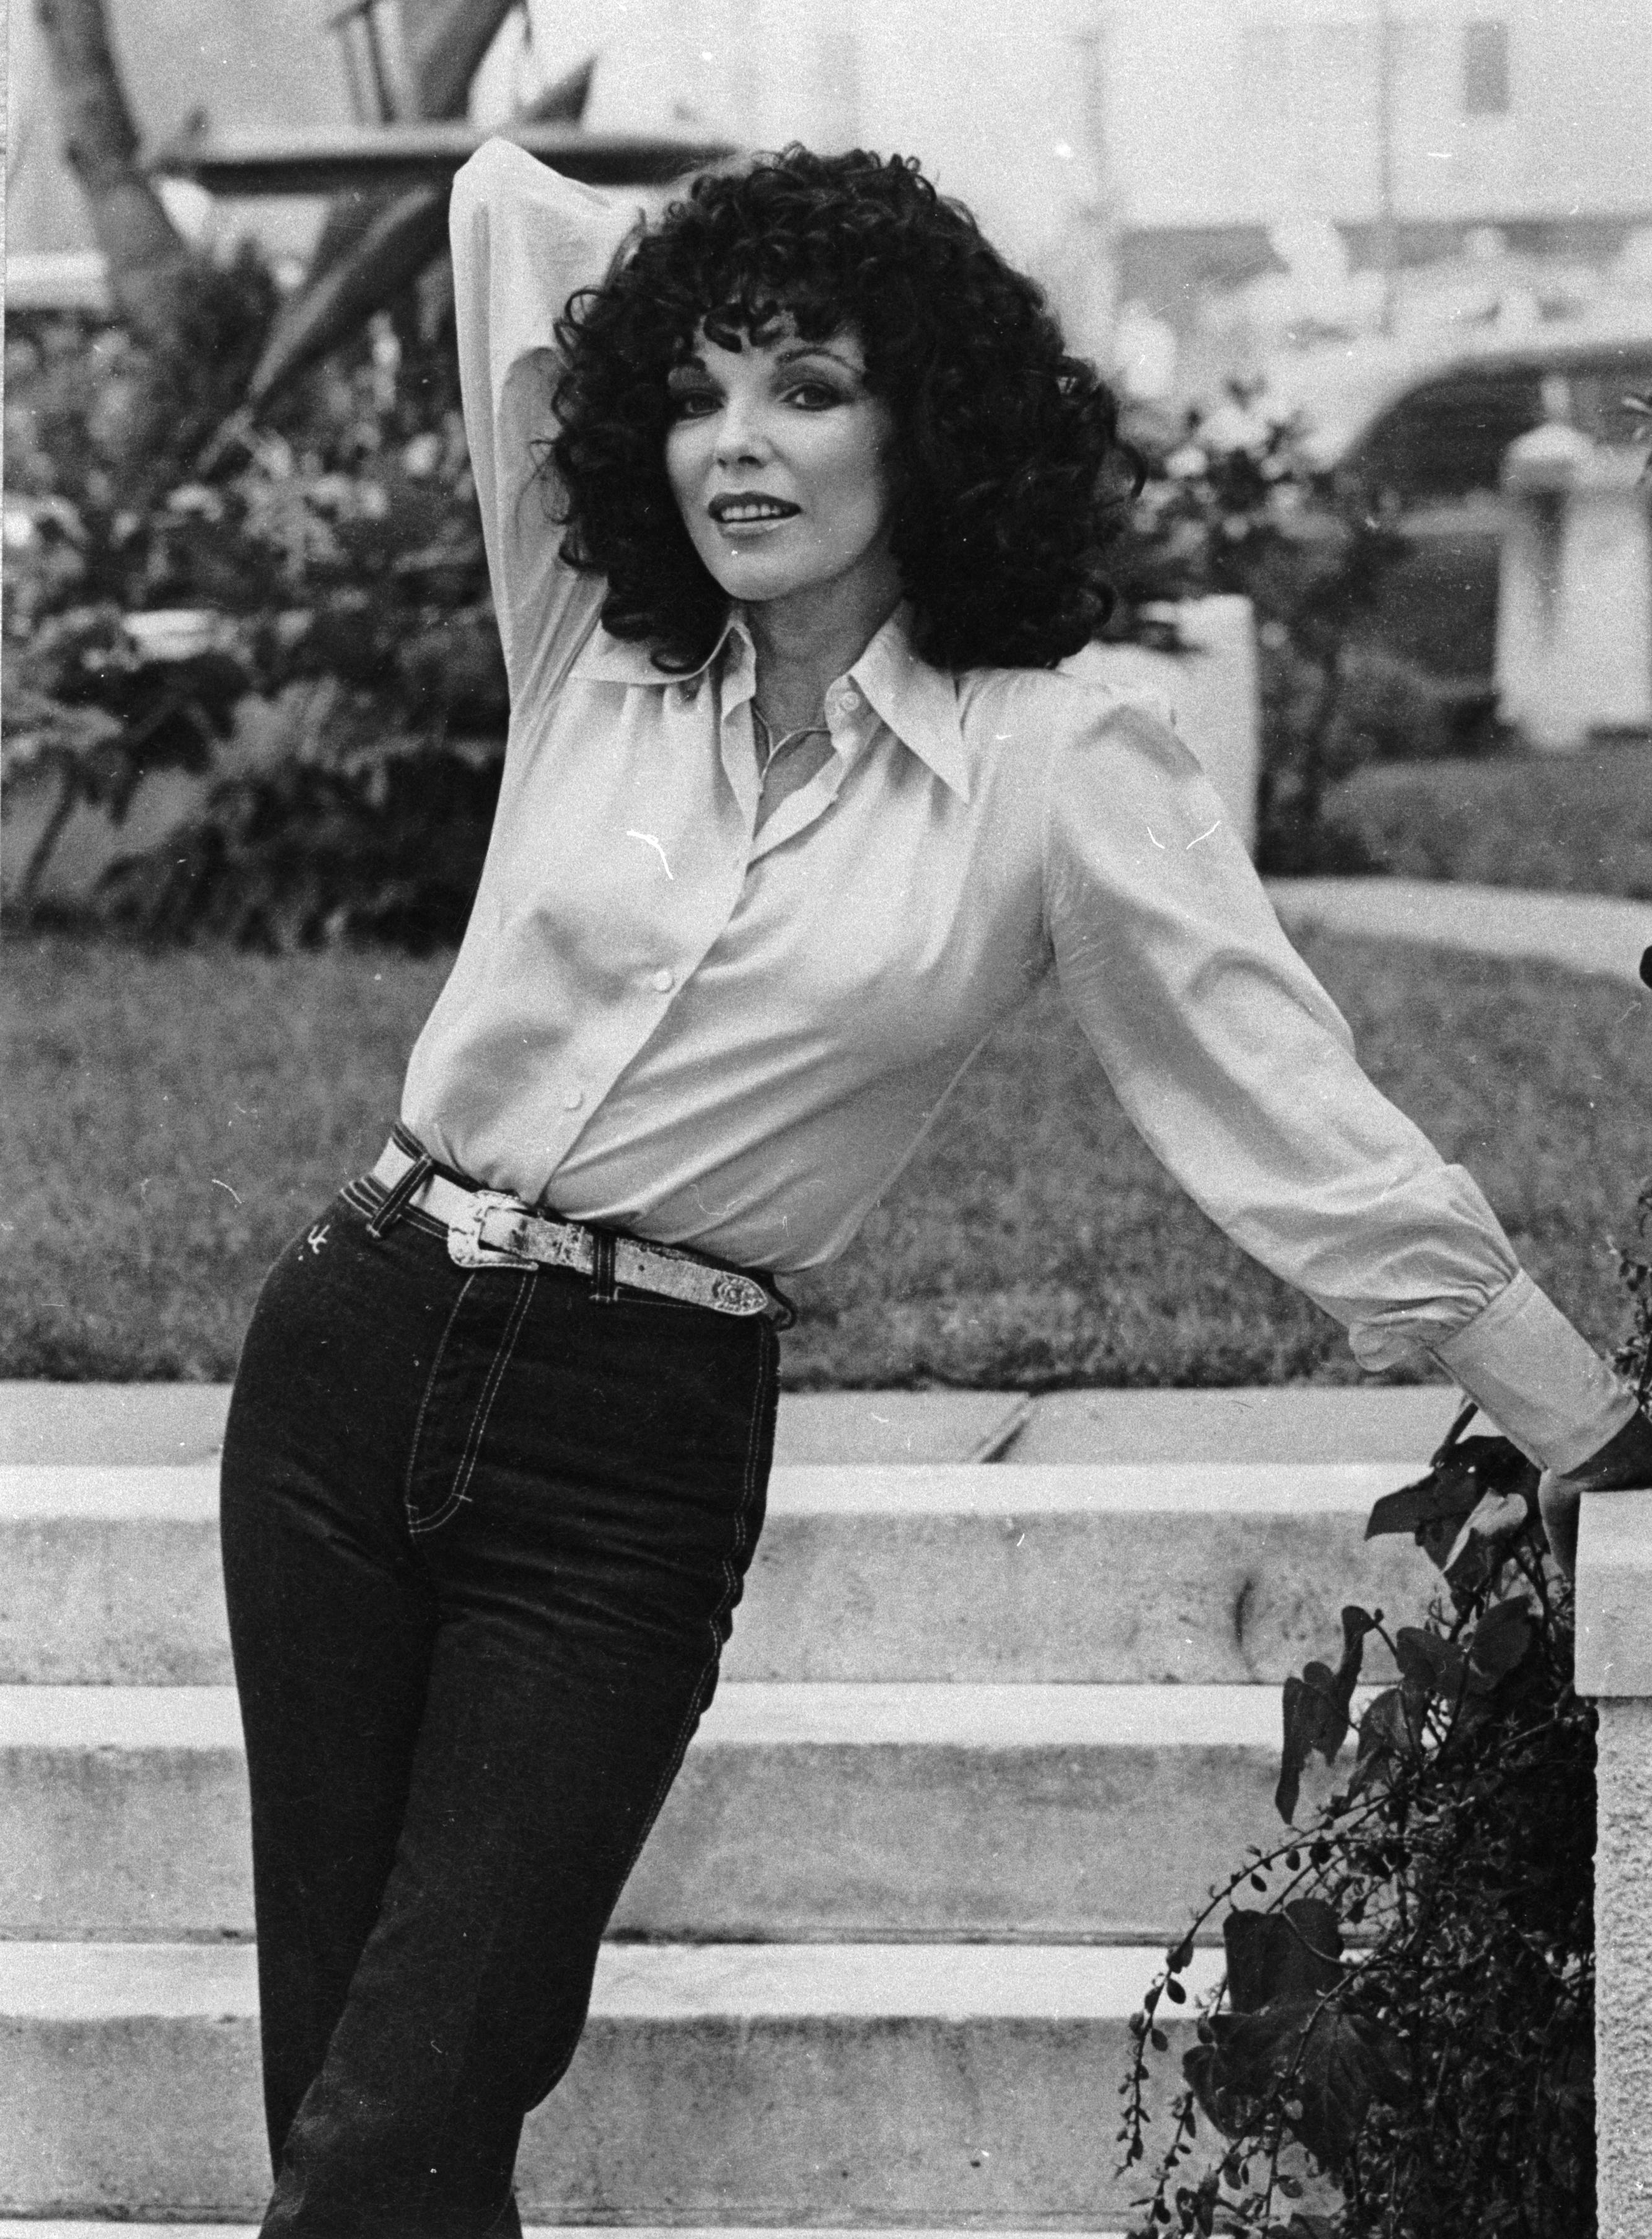 1984 г., Дънките вече все повече навлизат като част от модата. Чарлстоните вече са в историята.